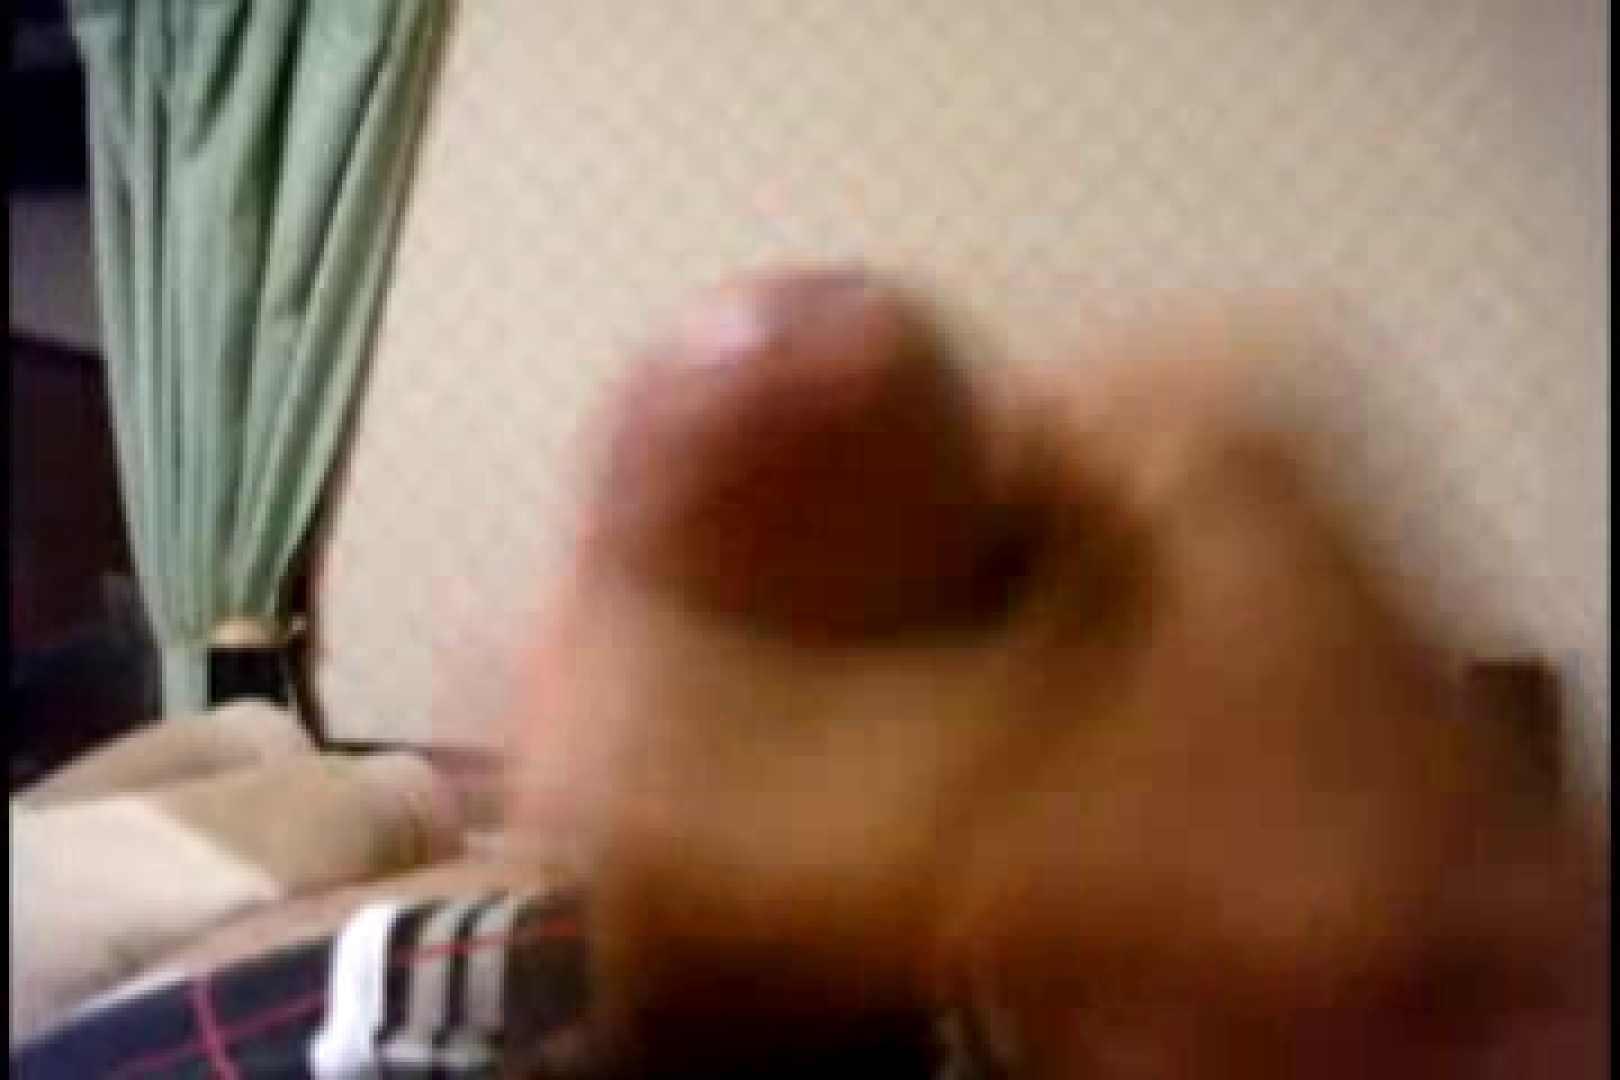 オナ好きノンケテニス部員の自画撮り投稿vol.01 モザ無し エロビデオ紹介 82枚 71